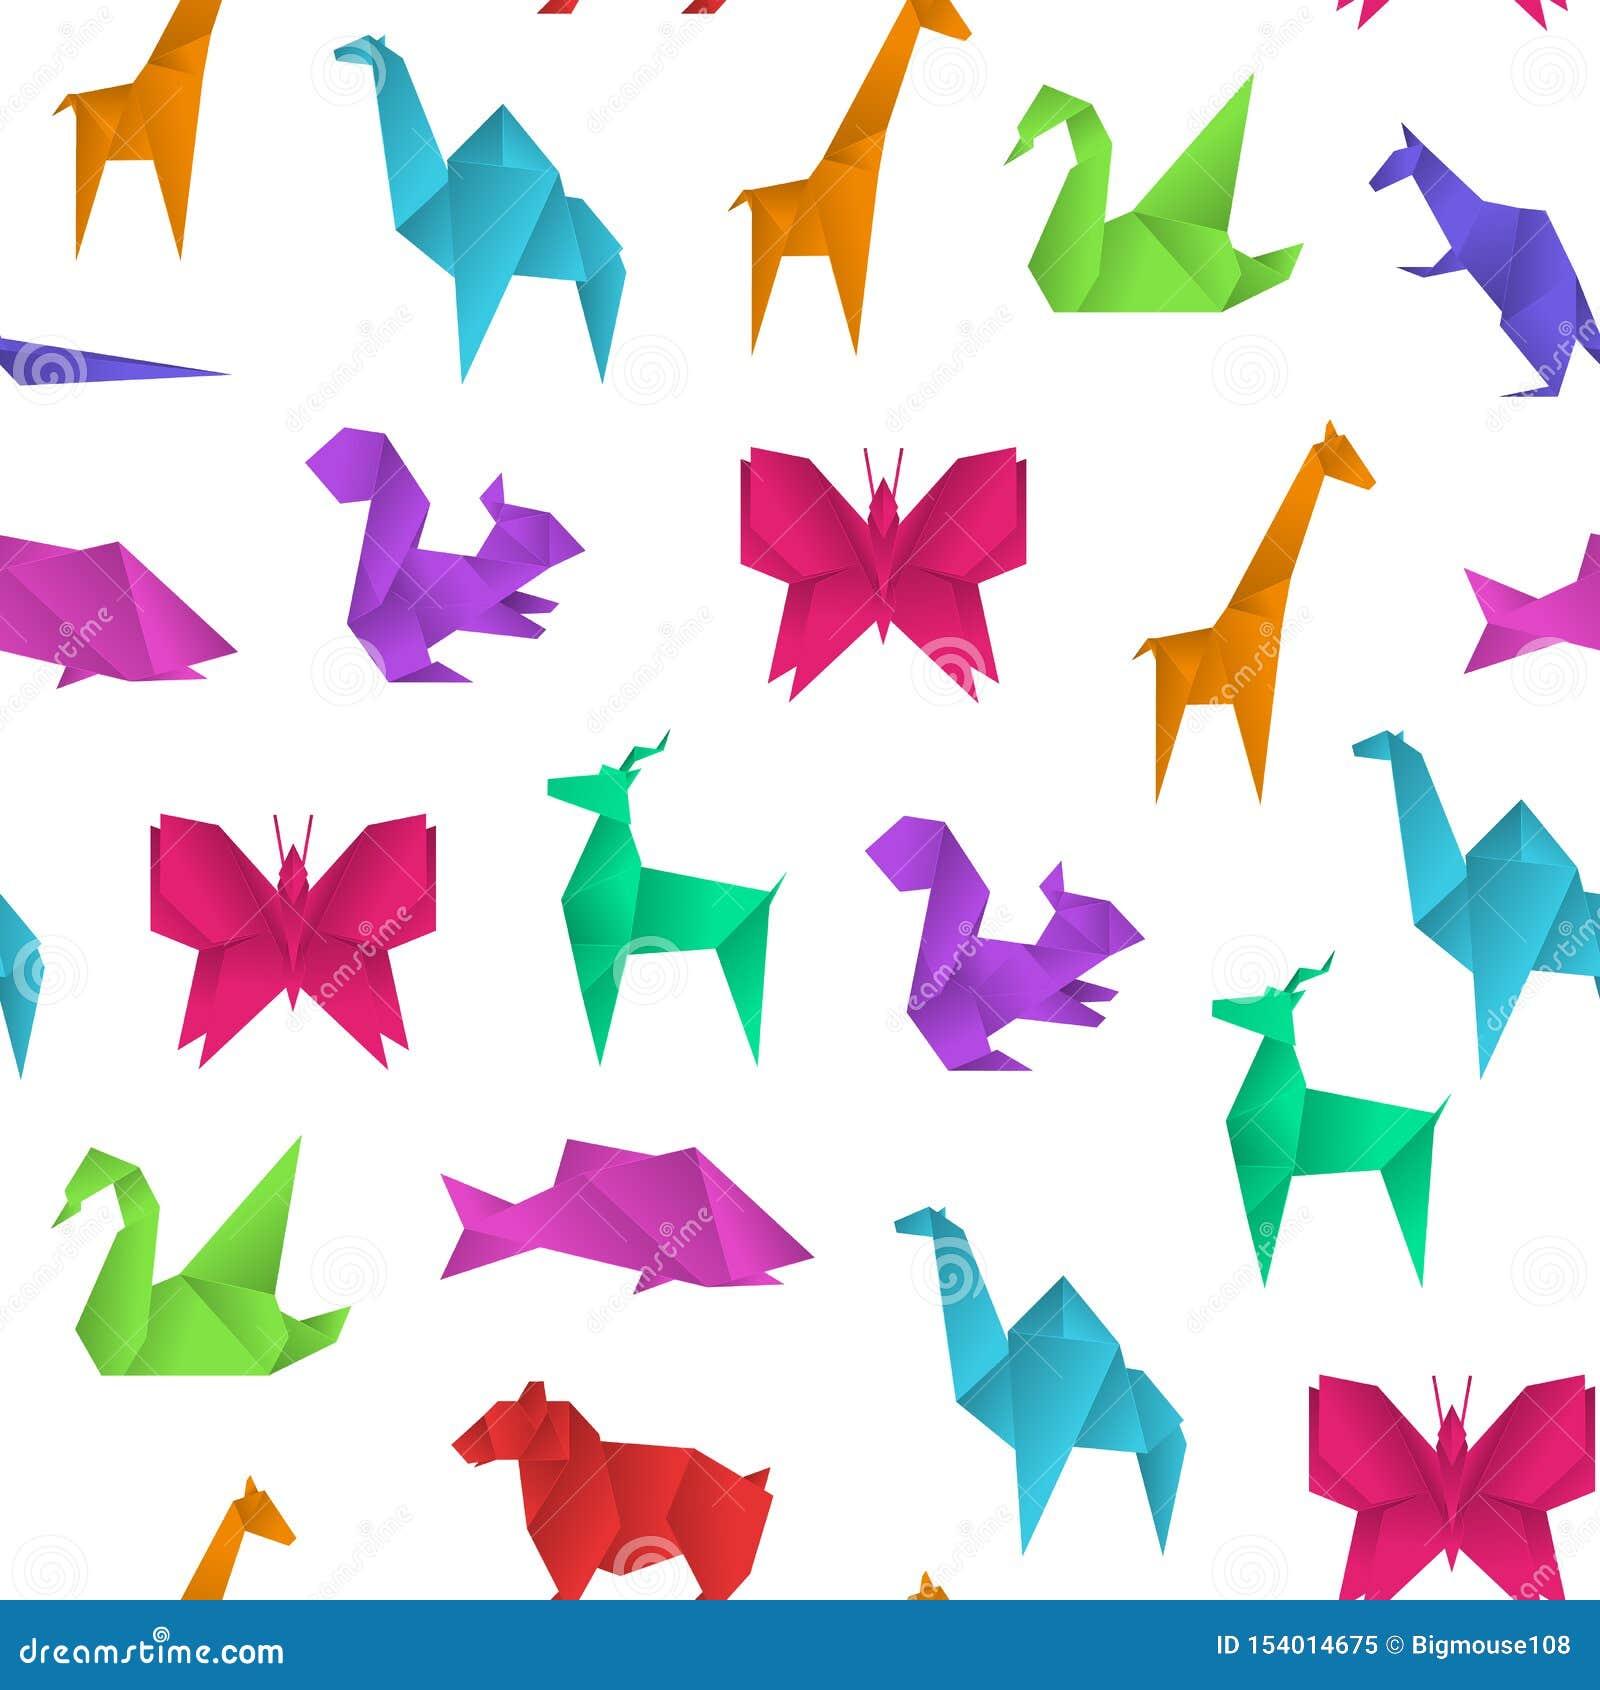 How To Make 3D Origami Puppy | cómo hacer el perrito del origami ... | 1689x1600